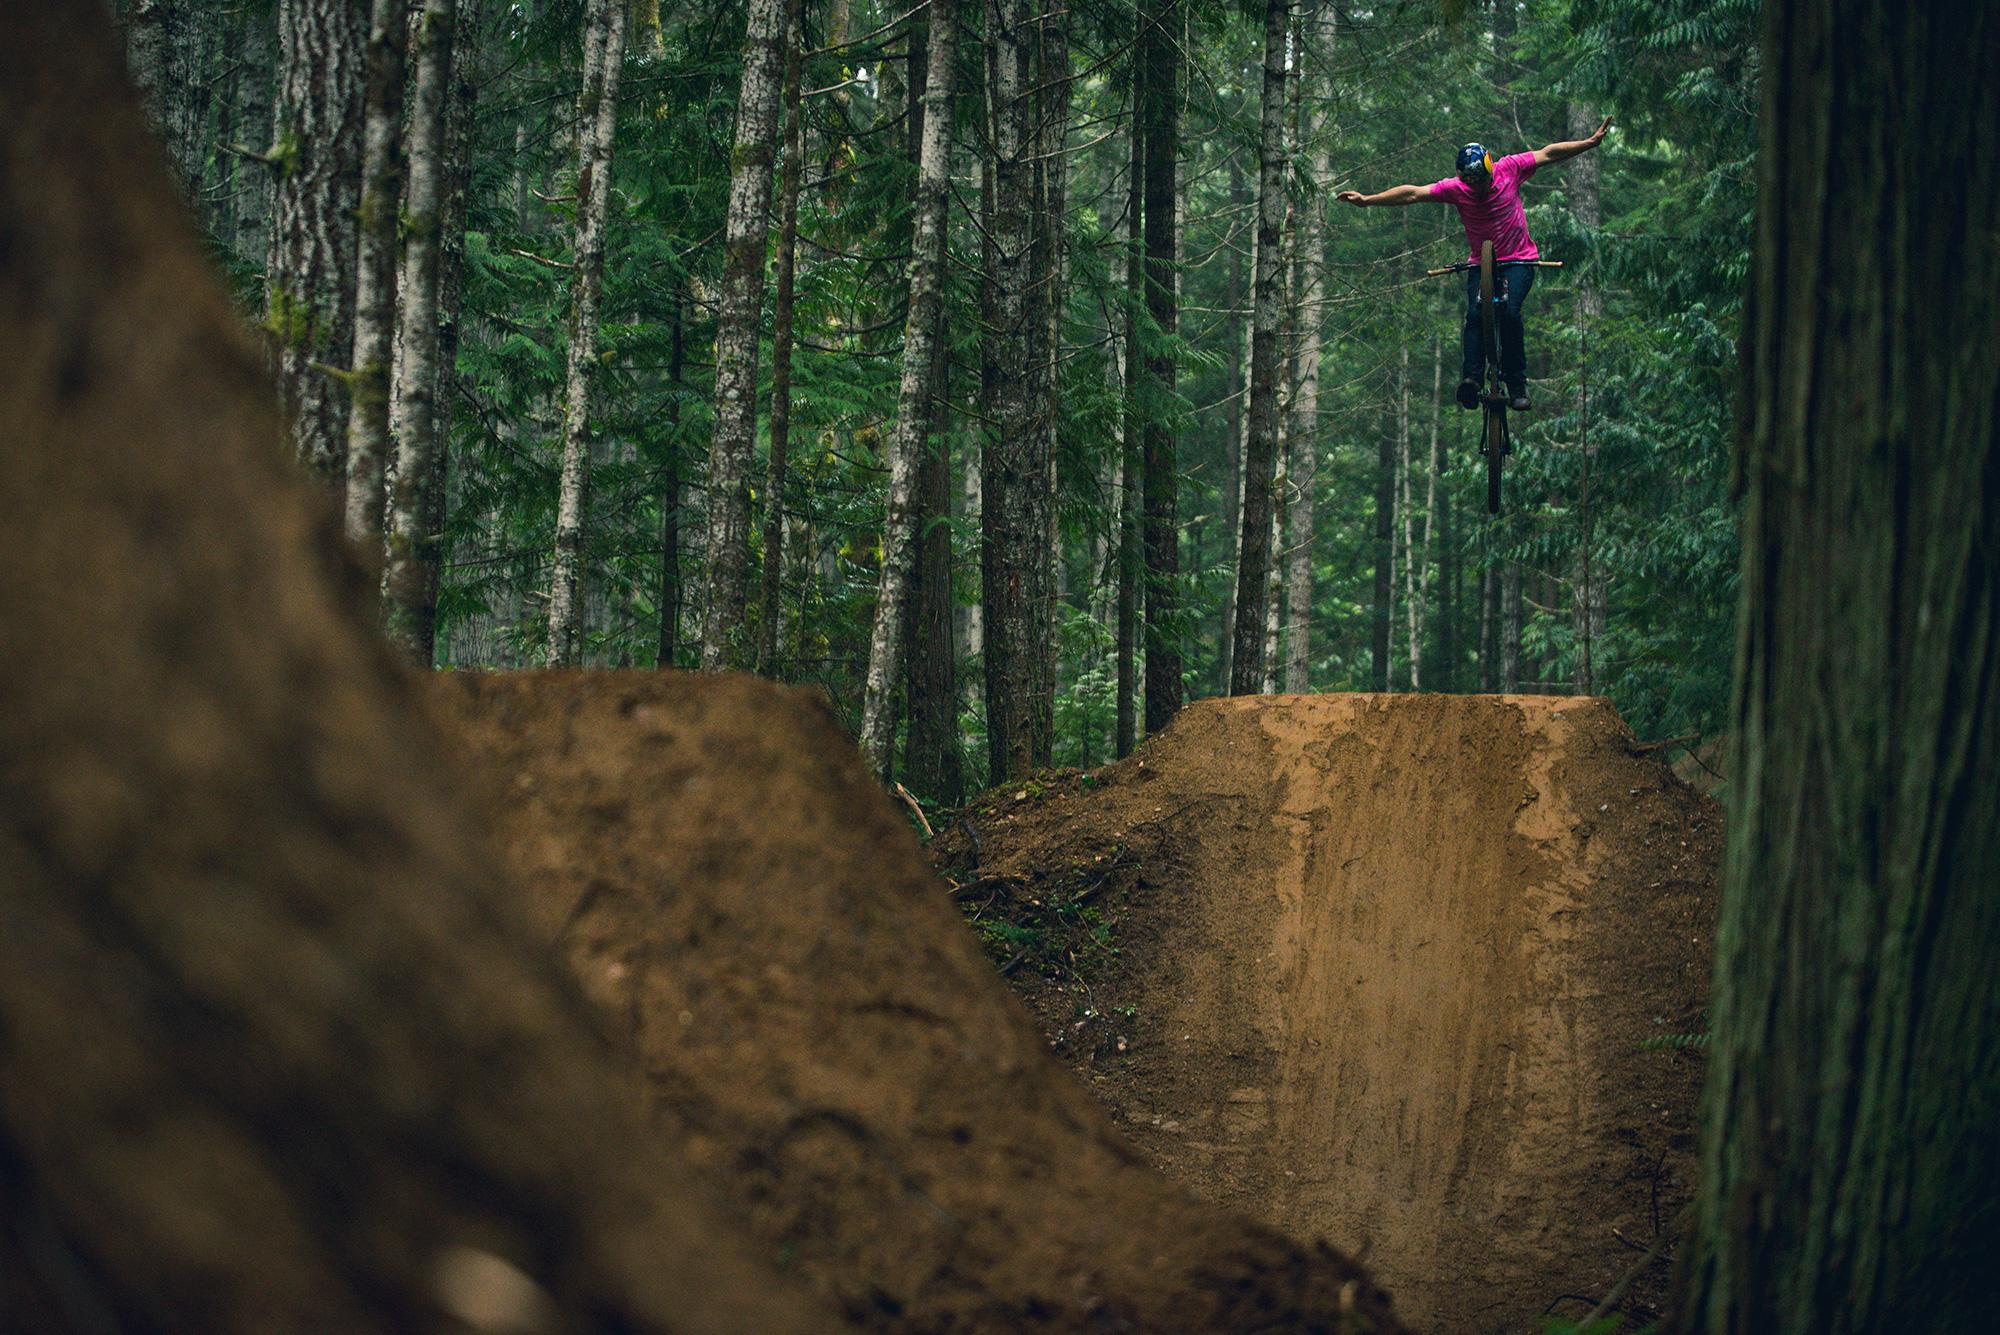 Darren Berrecloth, Whiskey Creek, BC.